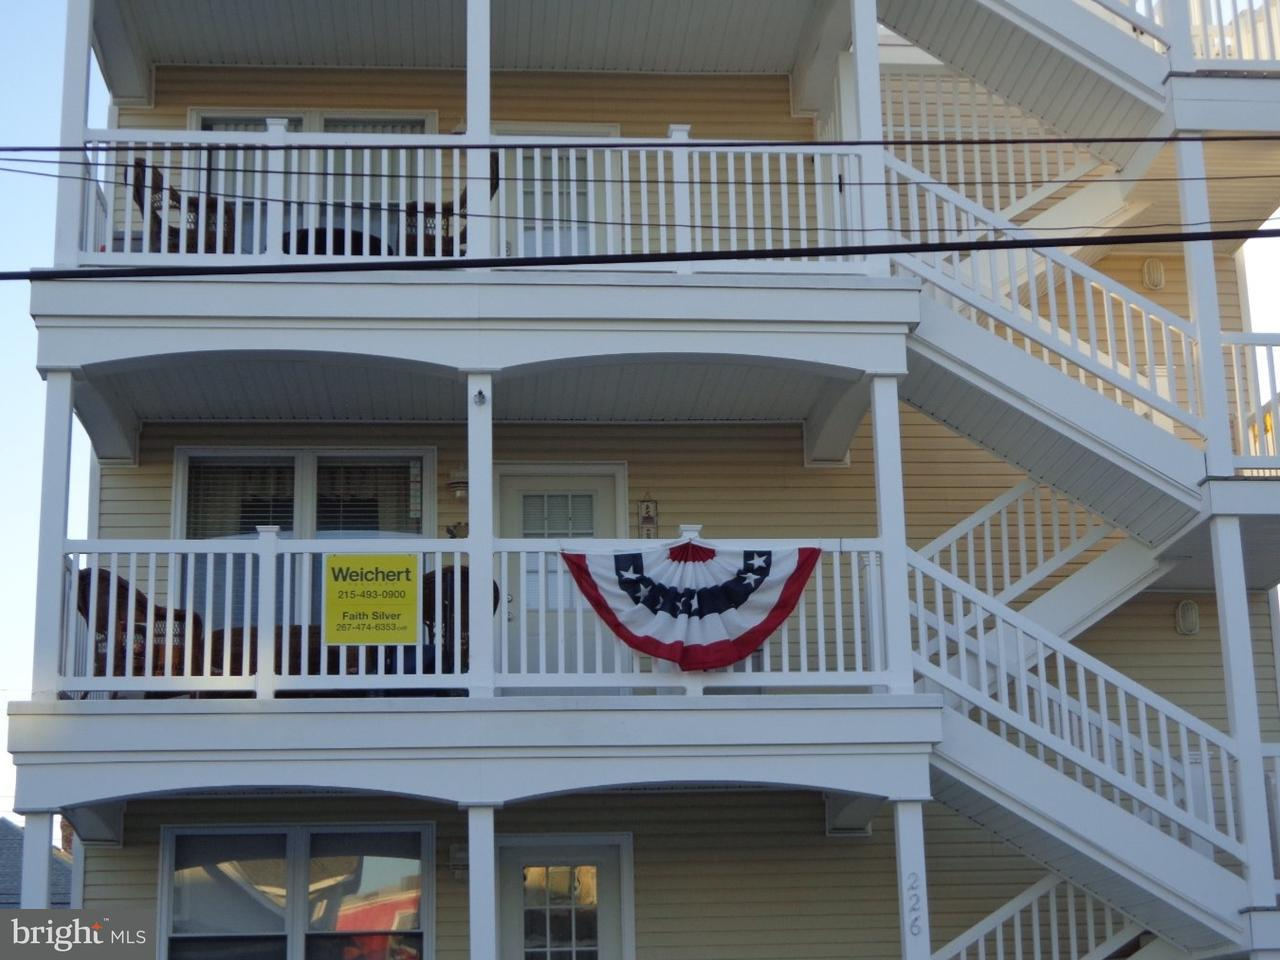 Частный односемейный дом для того Продажа на 225 E JUNIPER AVE #2N Wildwood City, Нью-Джерси 08260 Соединенные Штаты